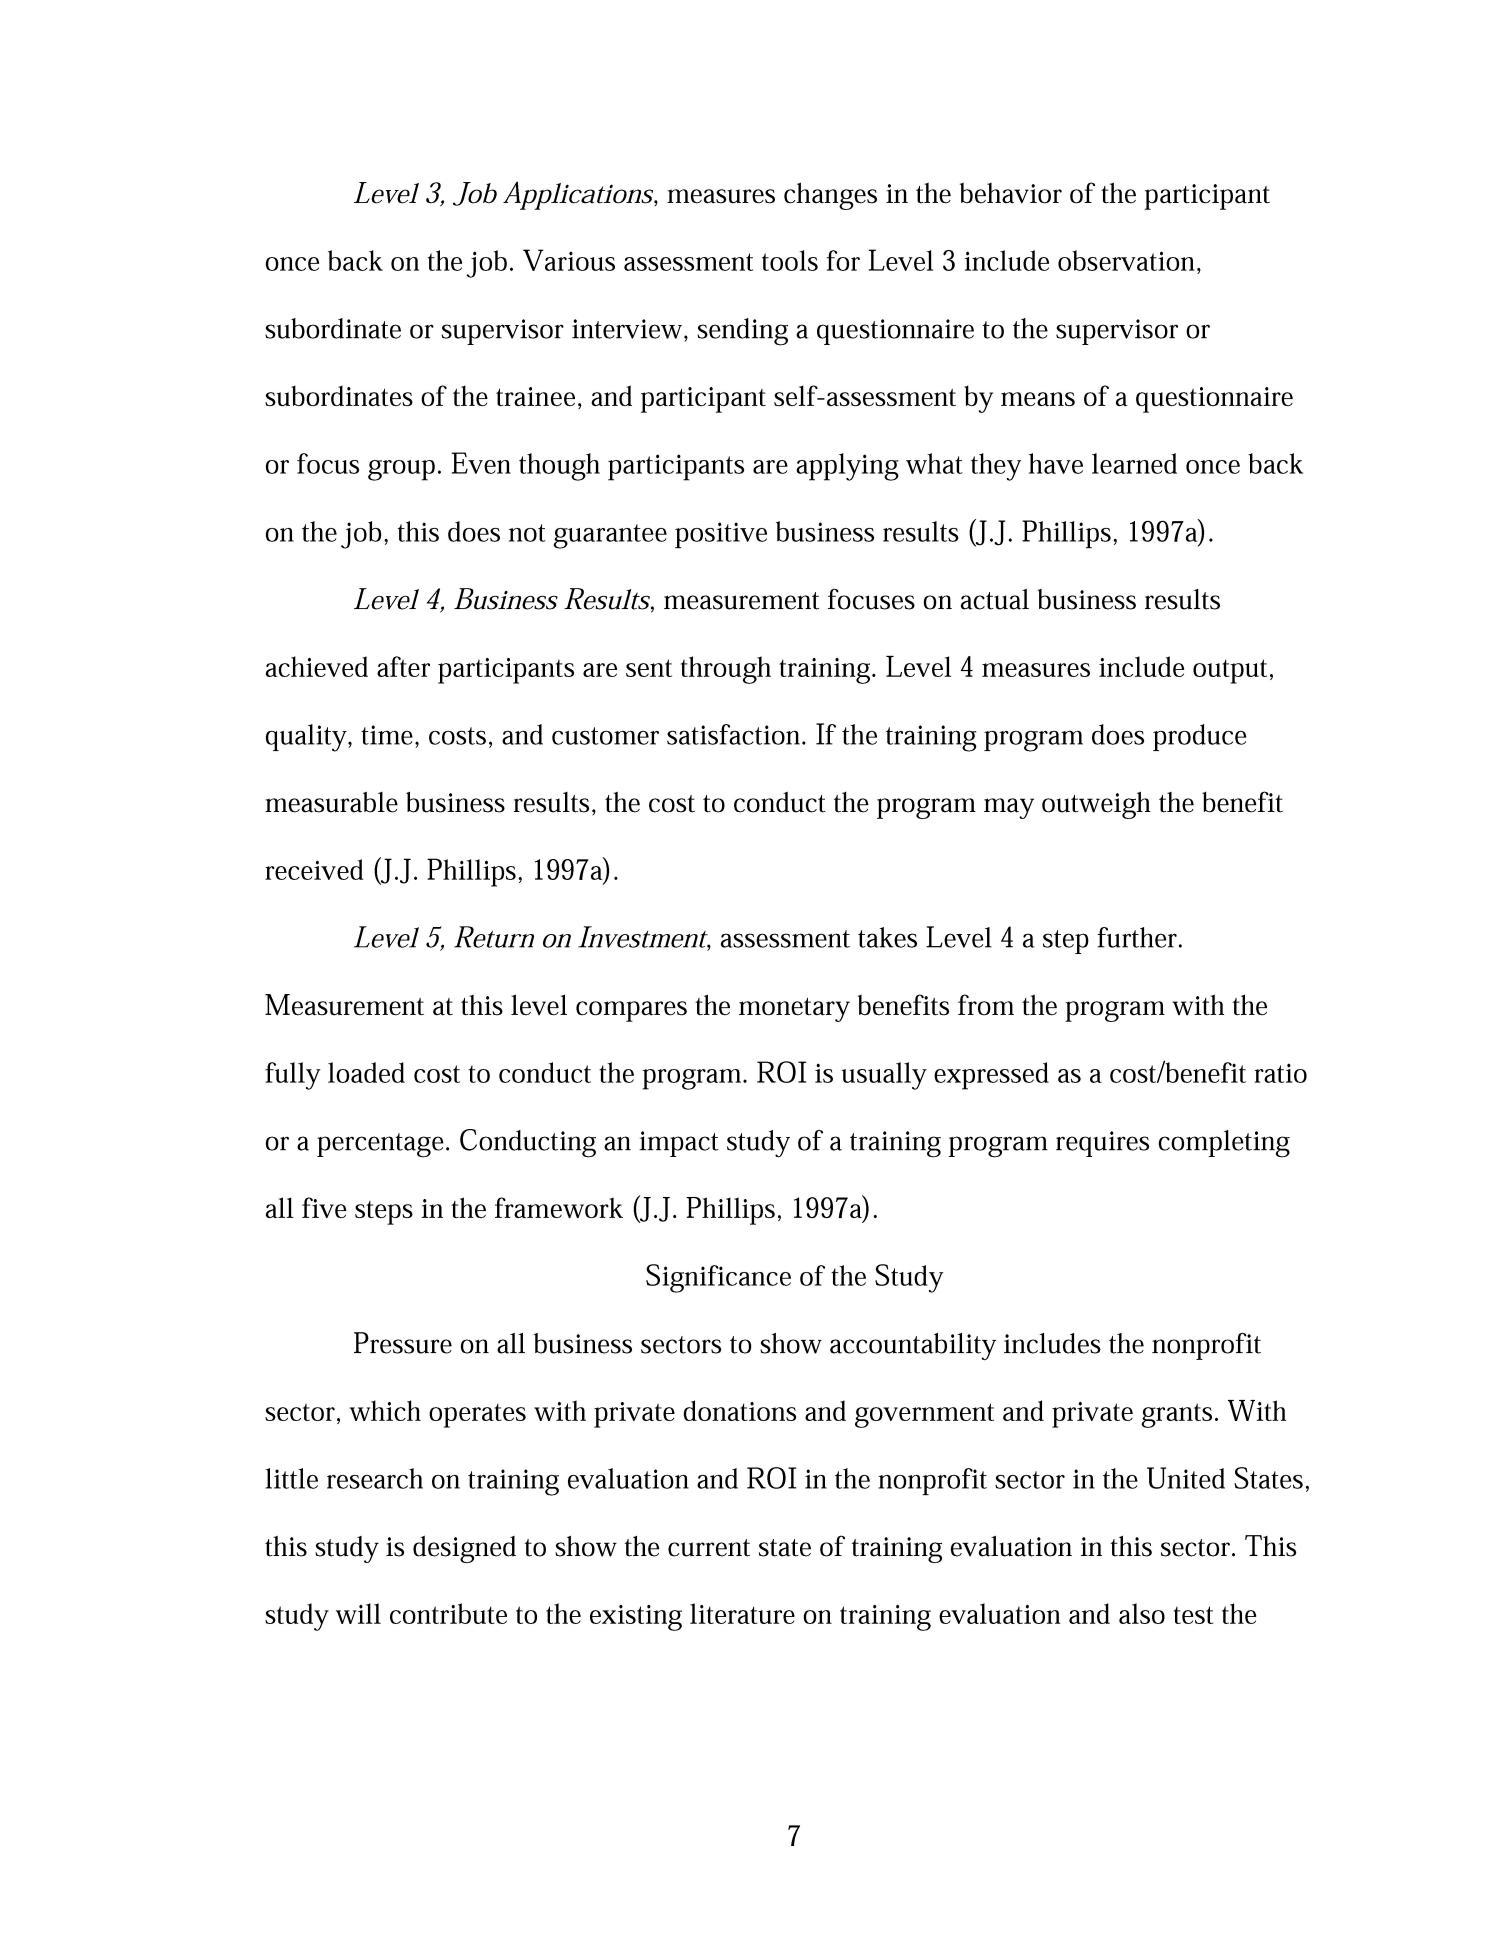 Ehtram e insaniyat essay